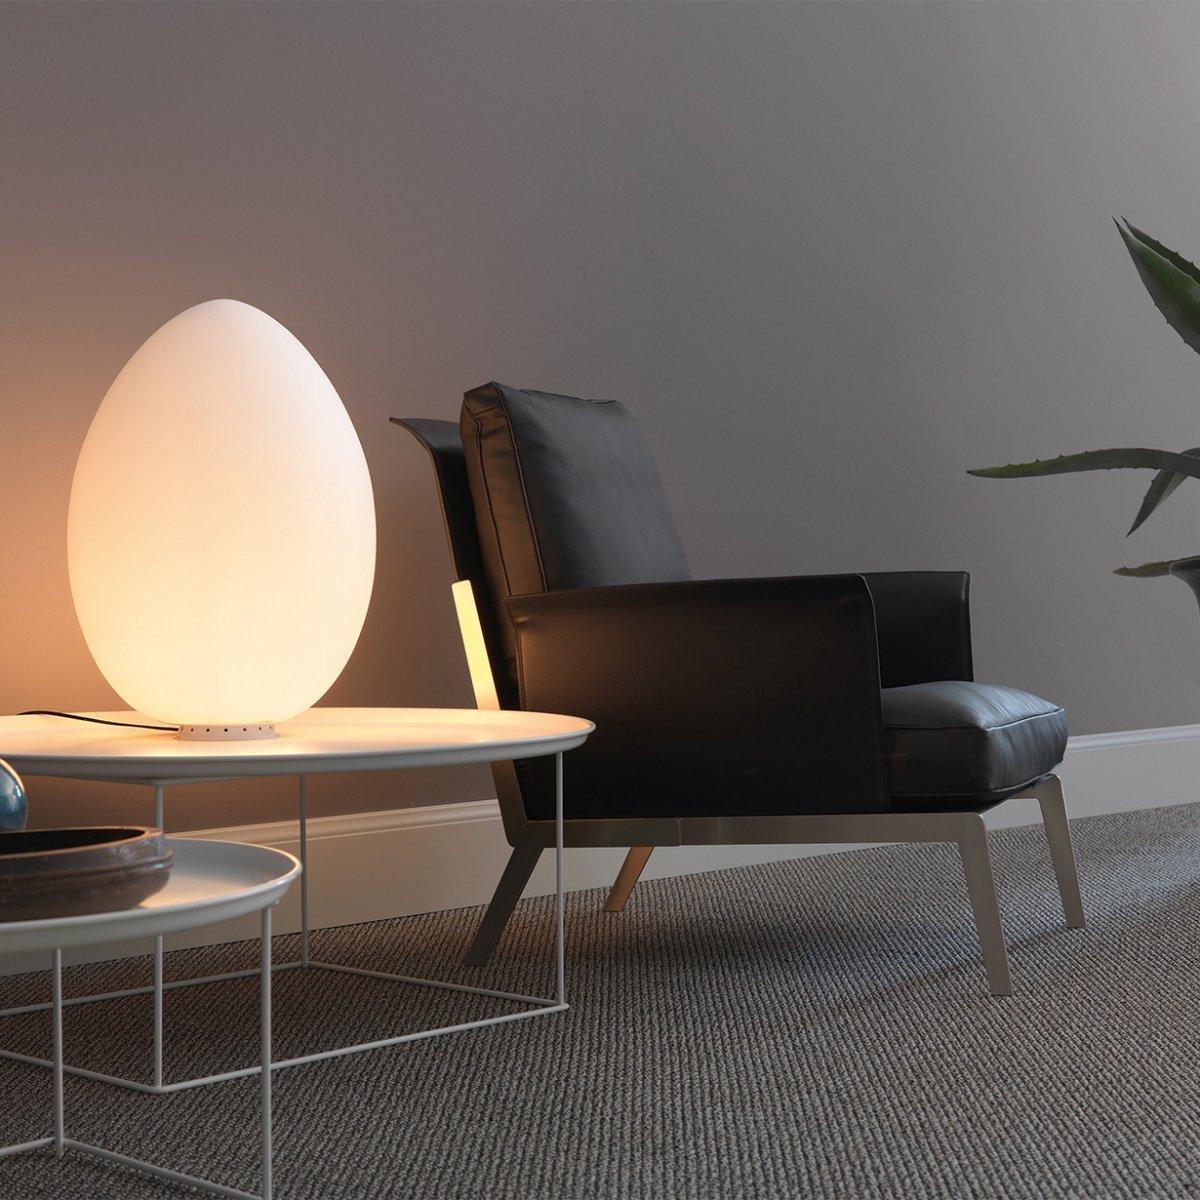 141 Gorgeous Desk Lamp Designs: Interior Design Ideas